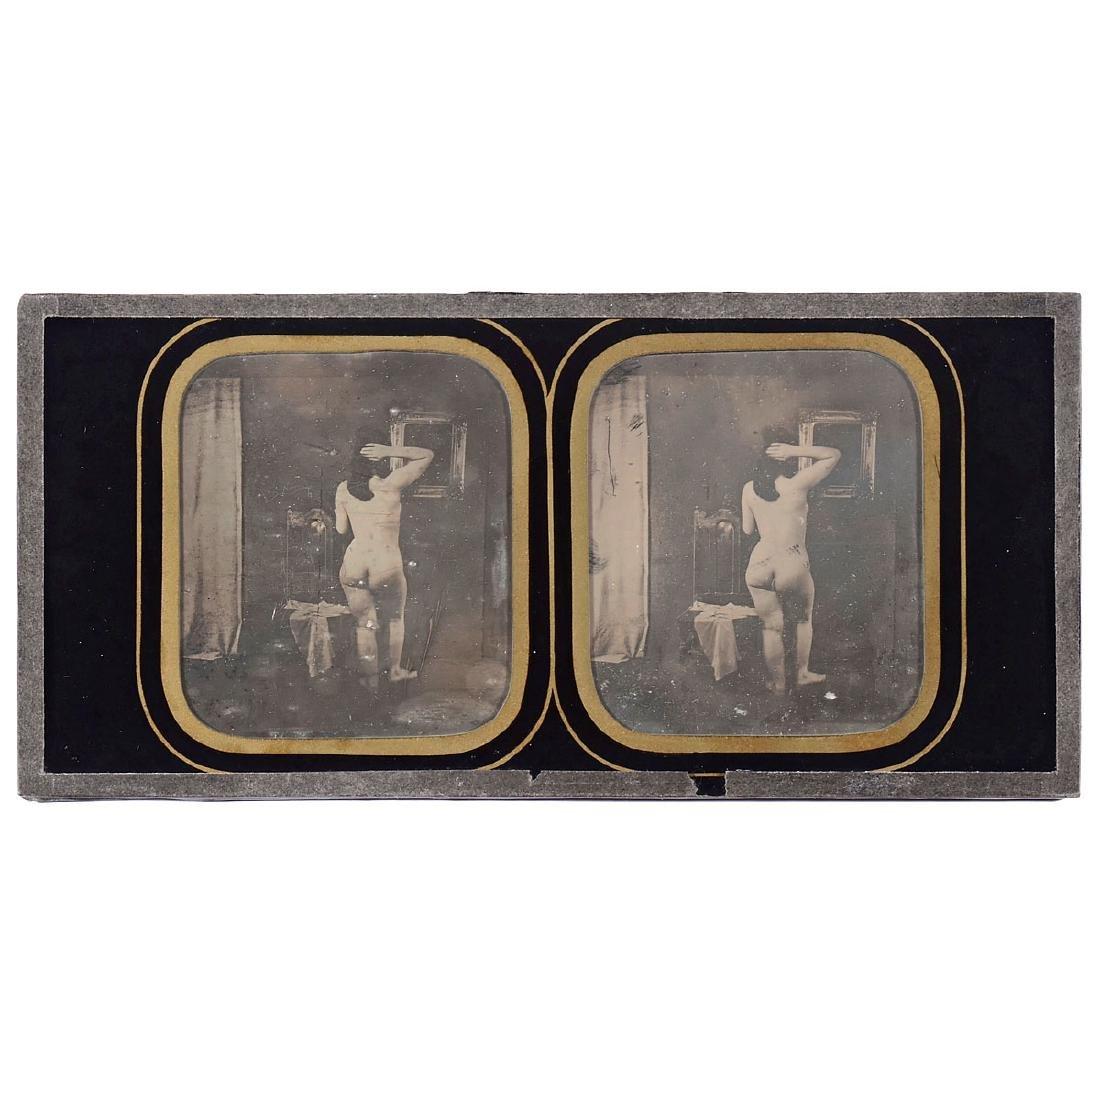 Stereo Nude Daguerreotype, c. 1845